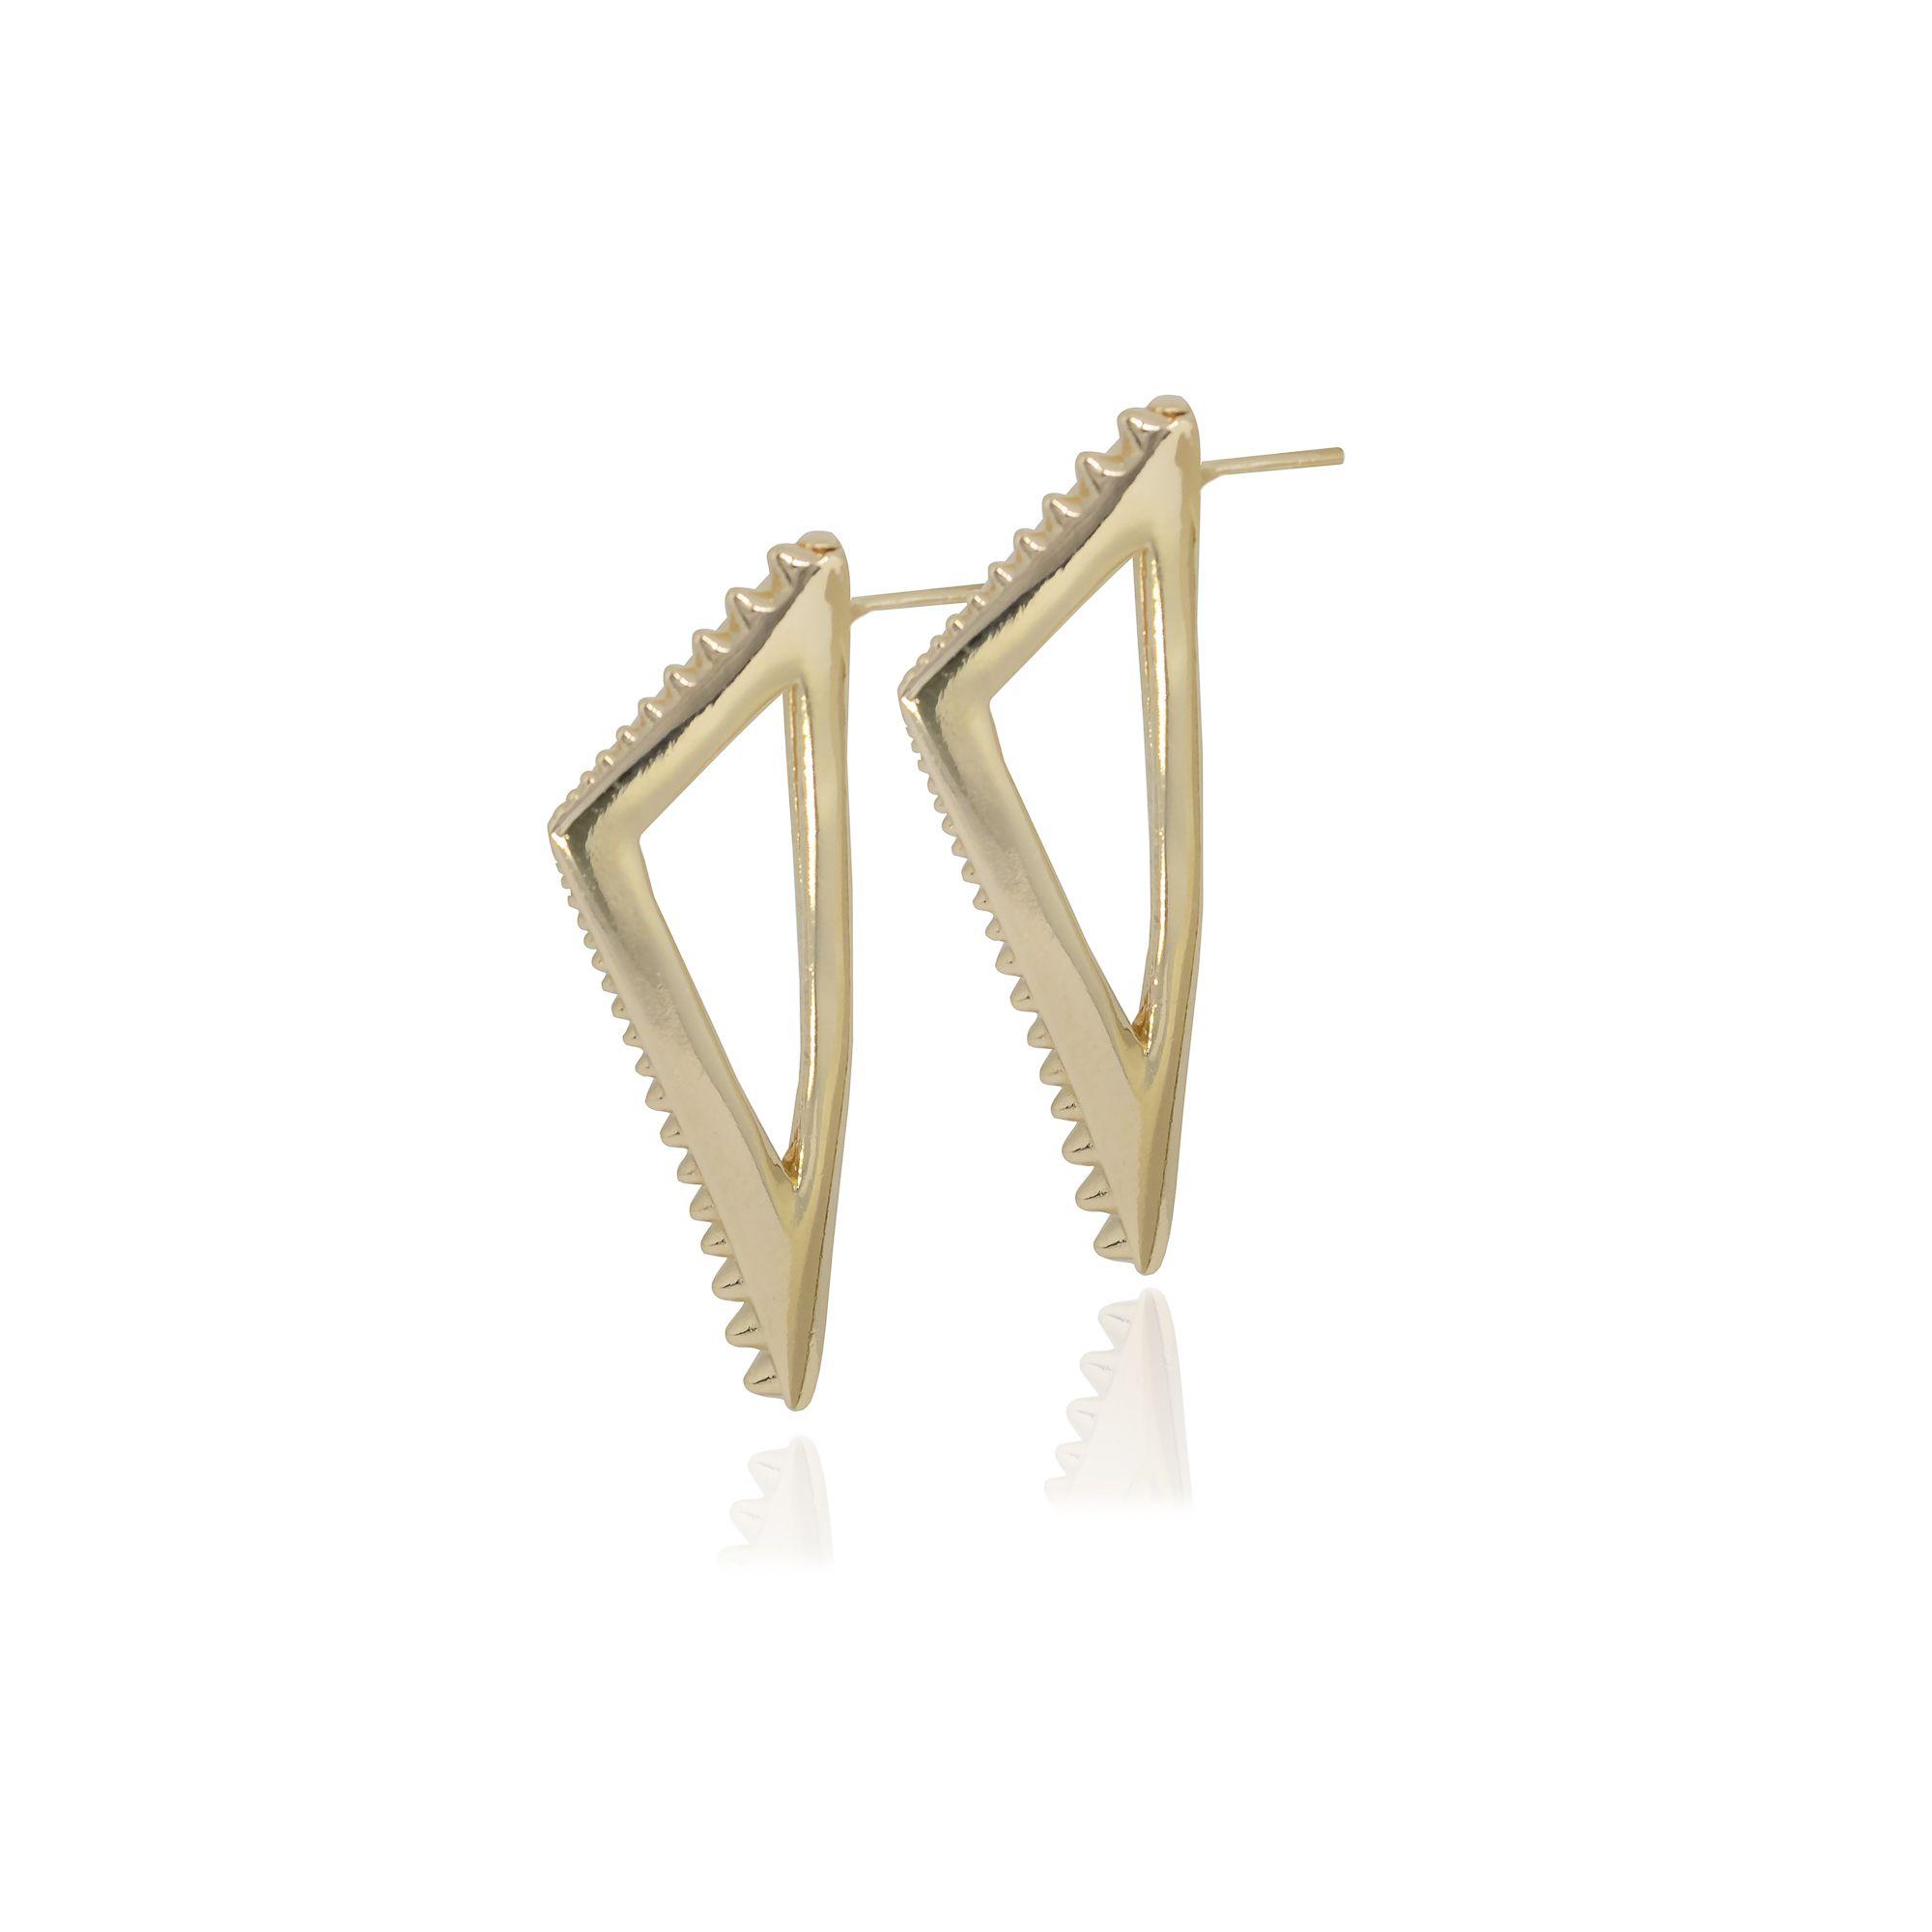 Brinco Semi joia triângulo com spikes vazada banhado a ouro 18k ou rhodium